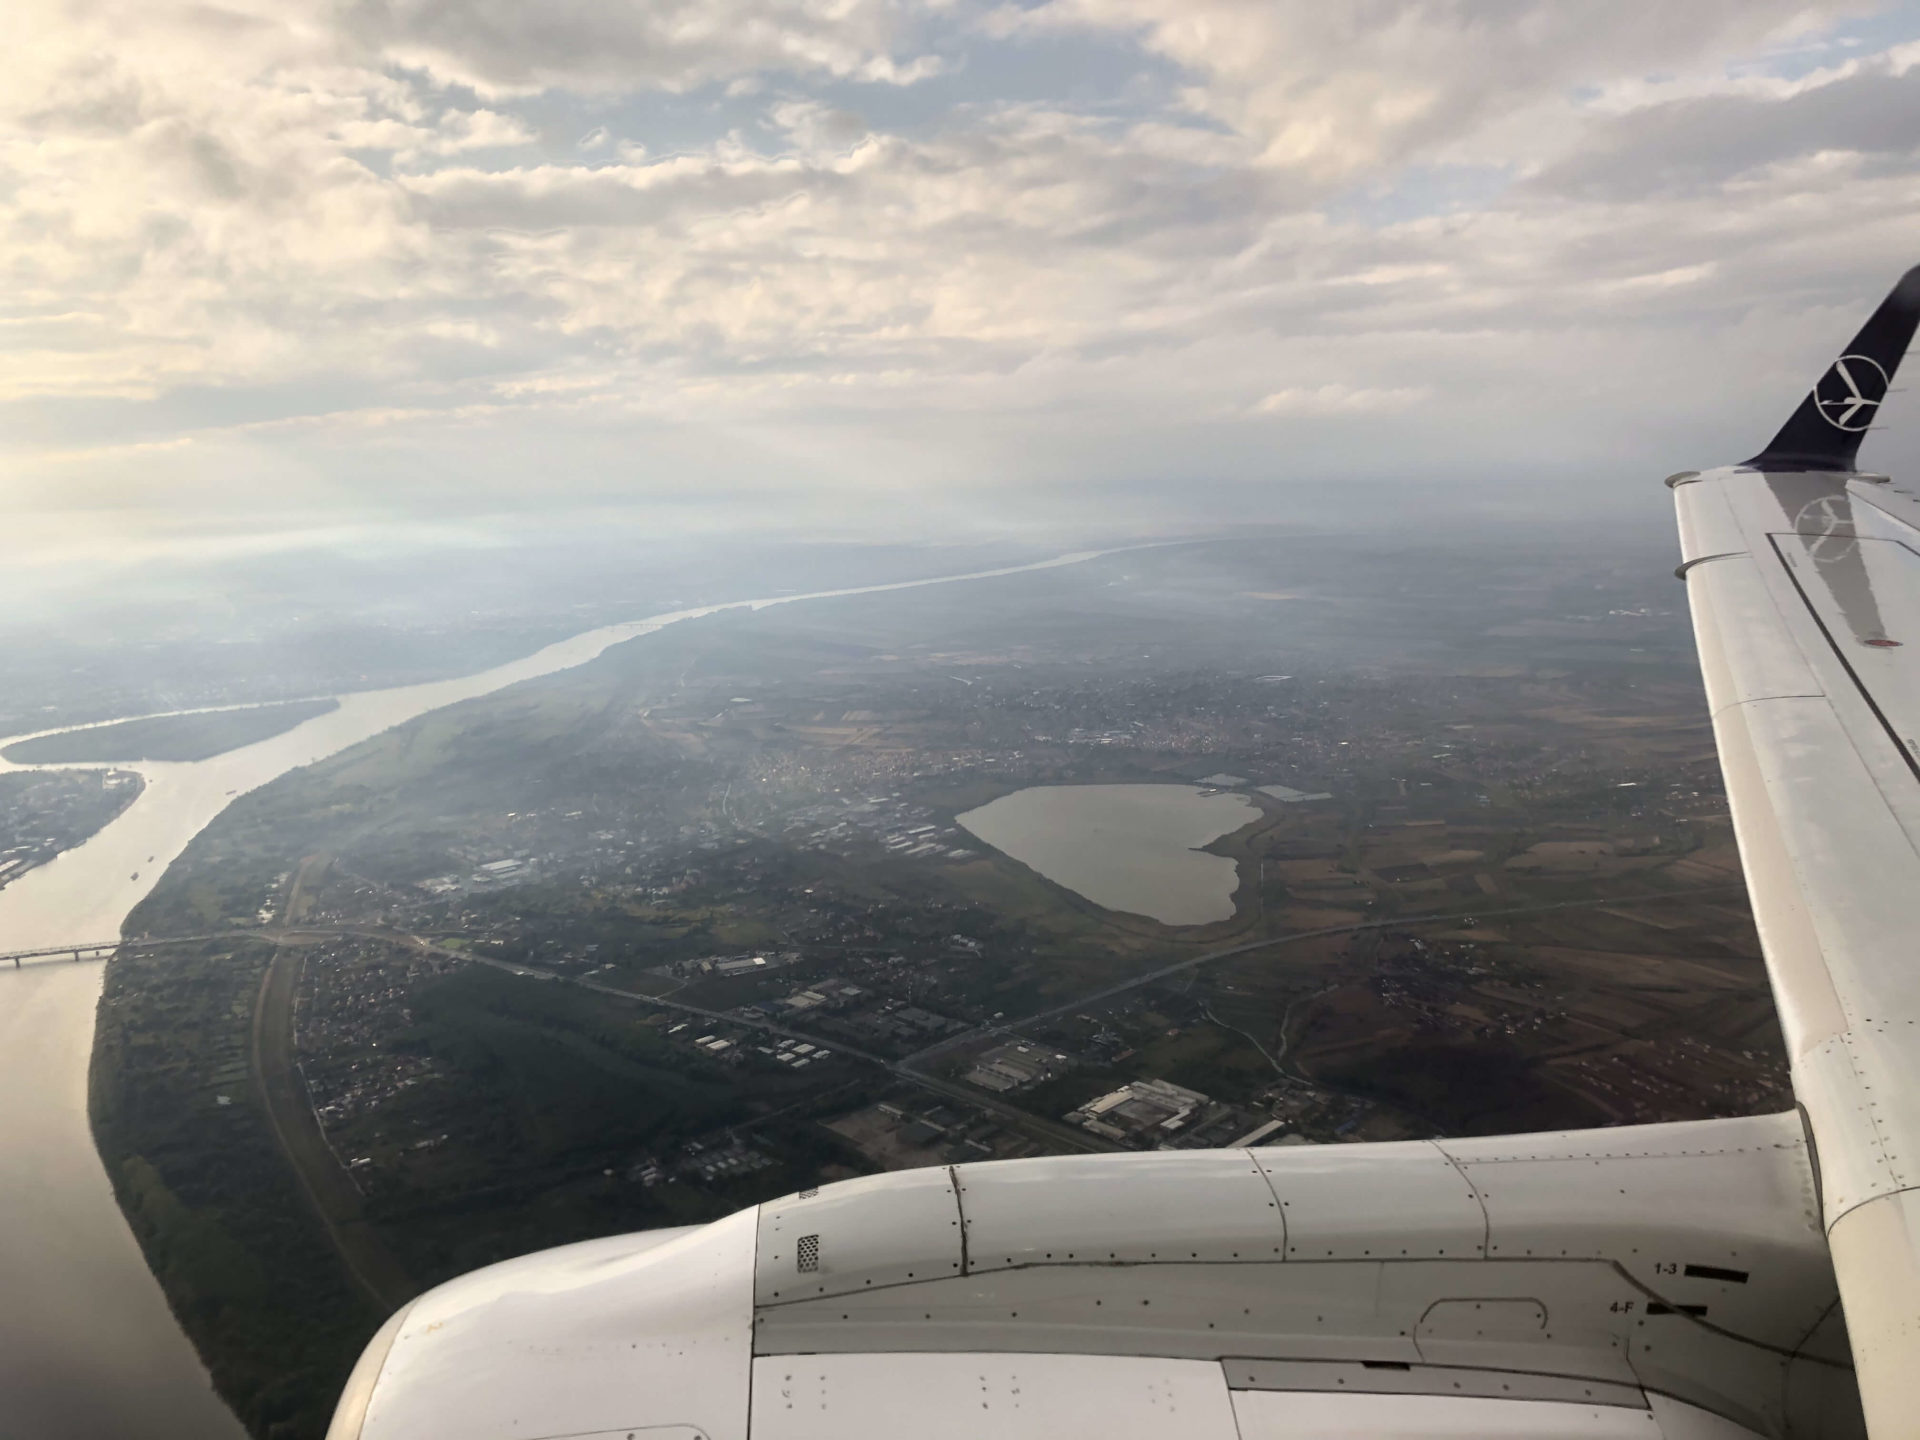 飛行機から見えるハート型の池